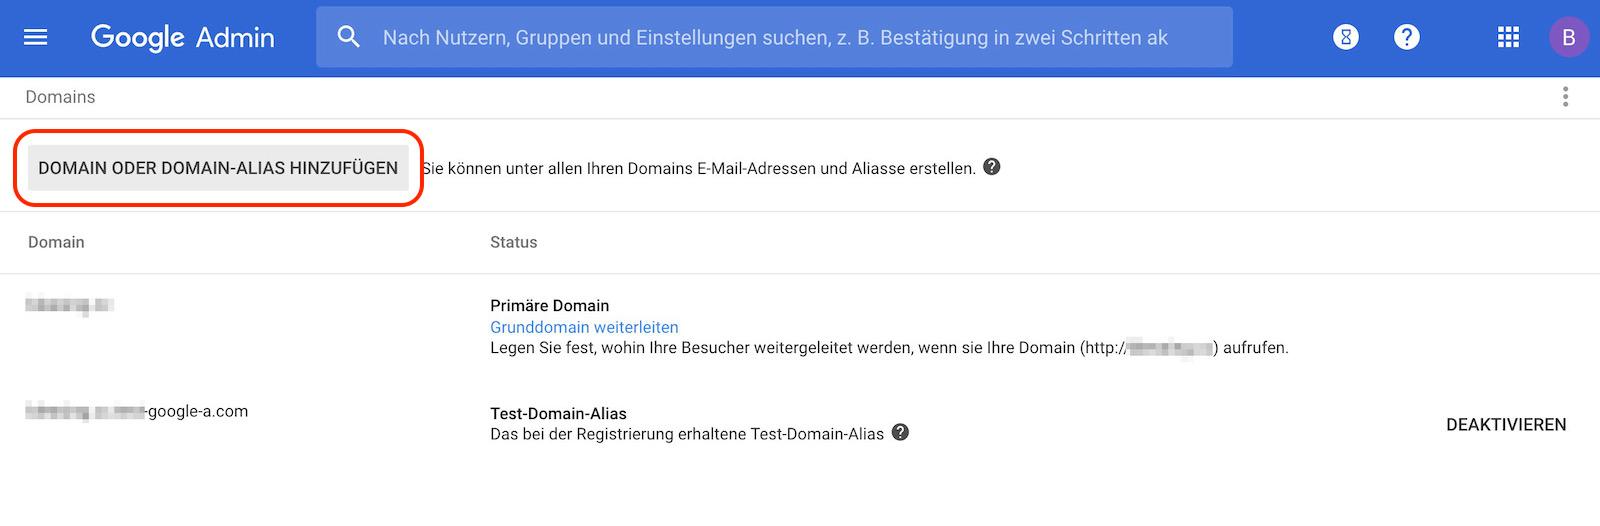 G Suite Domain oder Domain-Alias hinzufügen